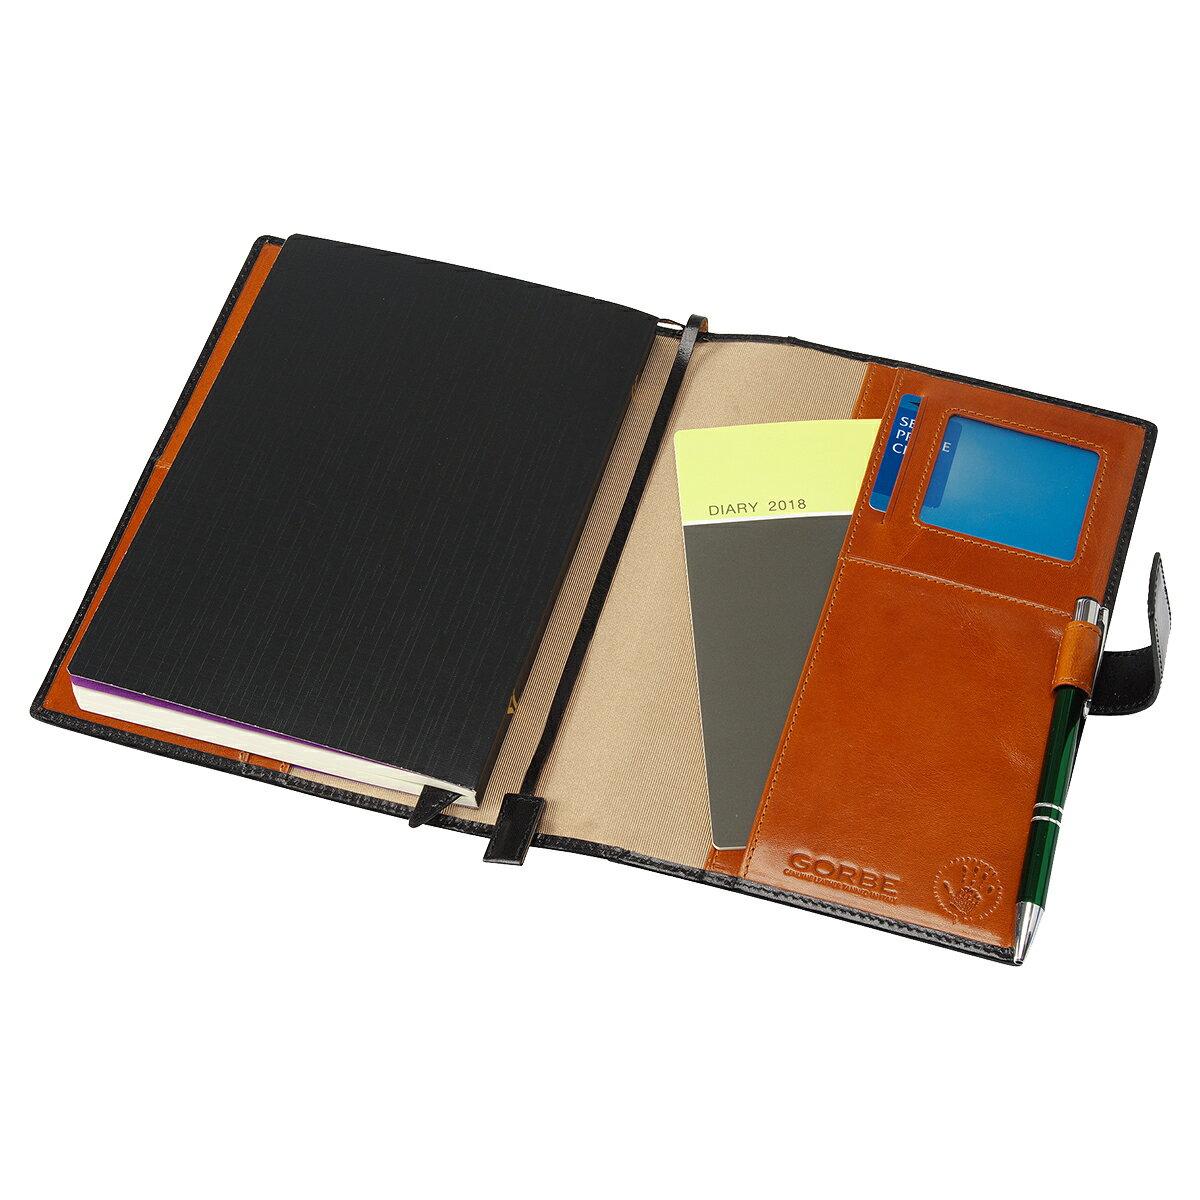 本革 本皮 手帳カバー ノートカバー ゴルべ GORBE イタリアンレザー手帳カバー A5サイズ対応 ほぼ日